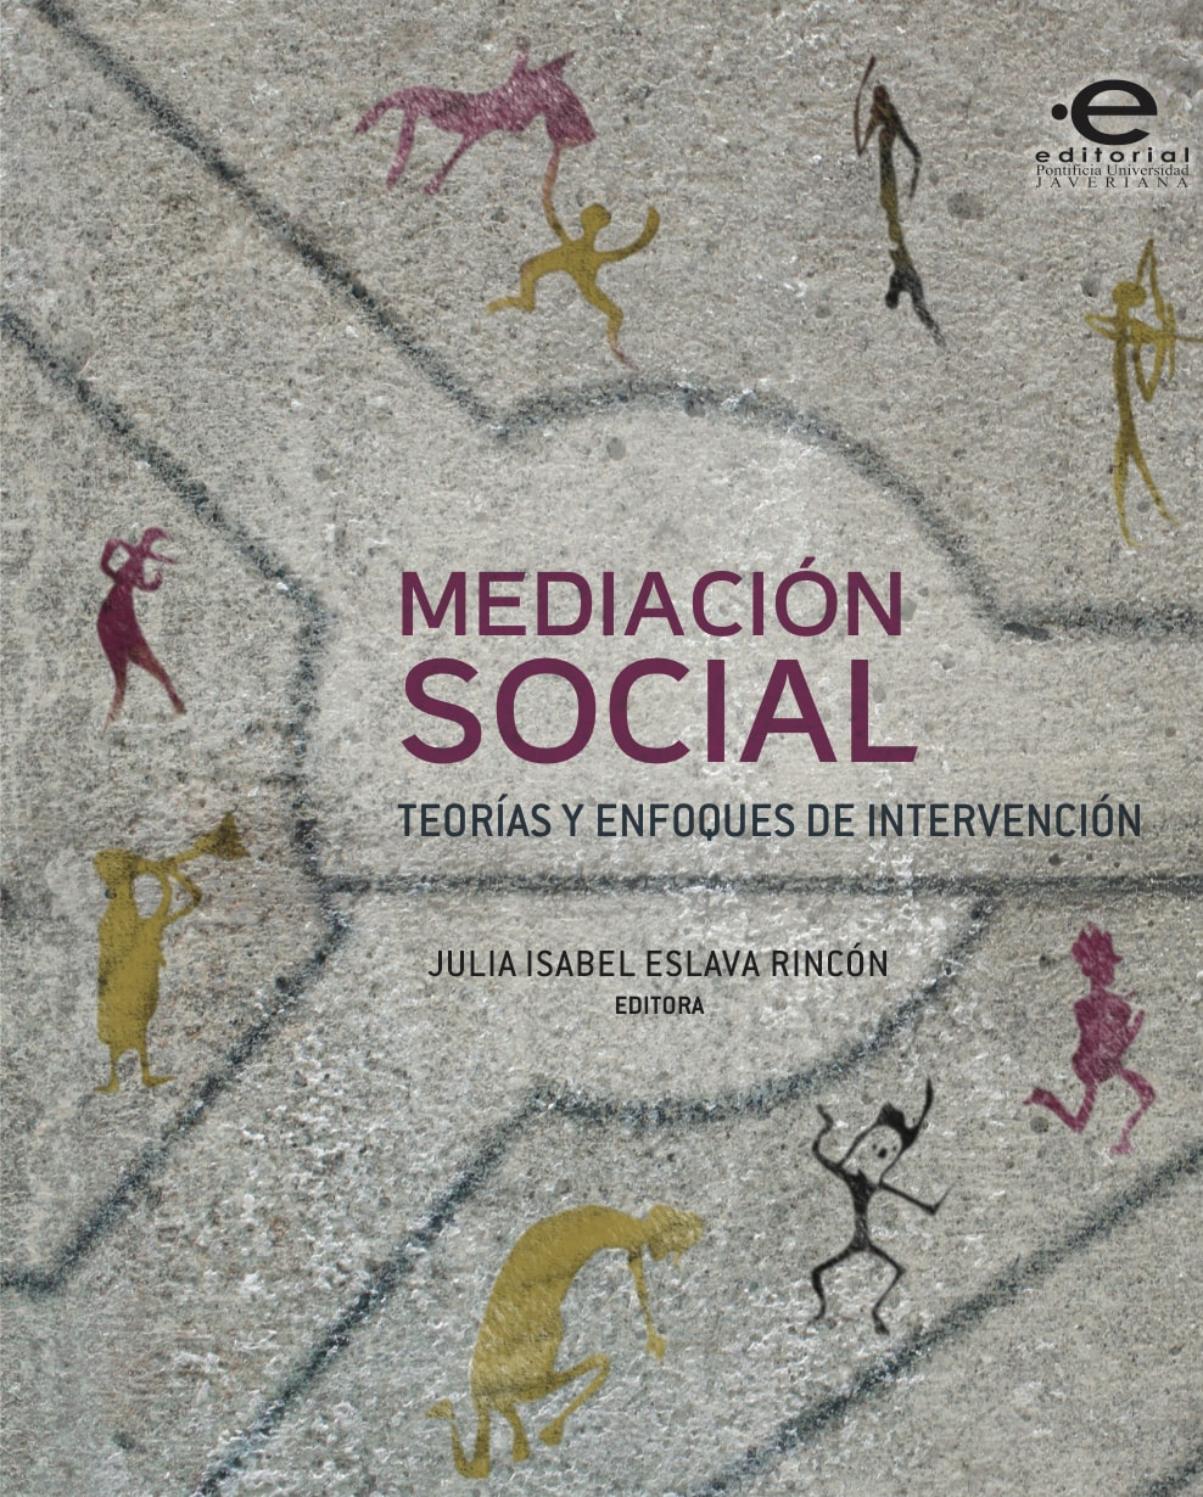 Mediación social by Editorial Pontificia Universidad Javeriana - issuu